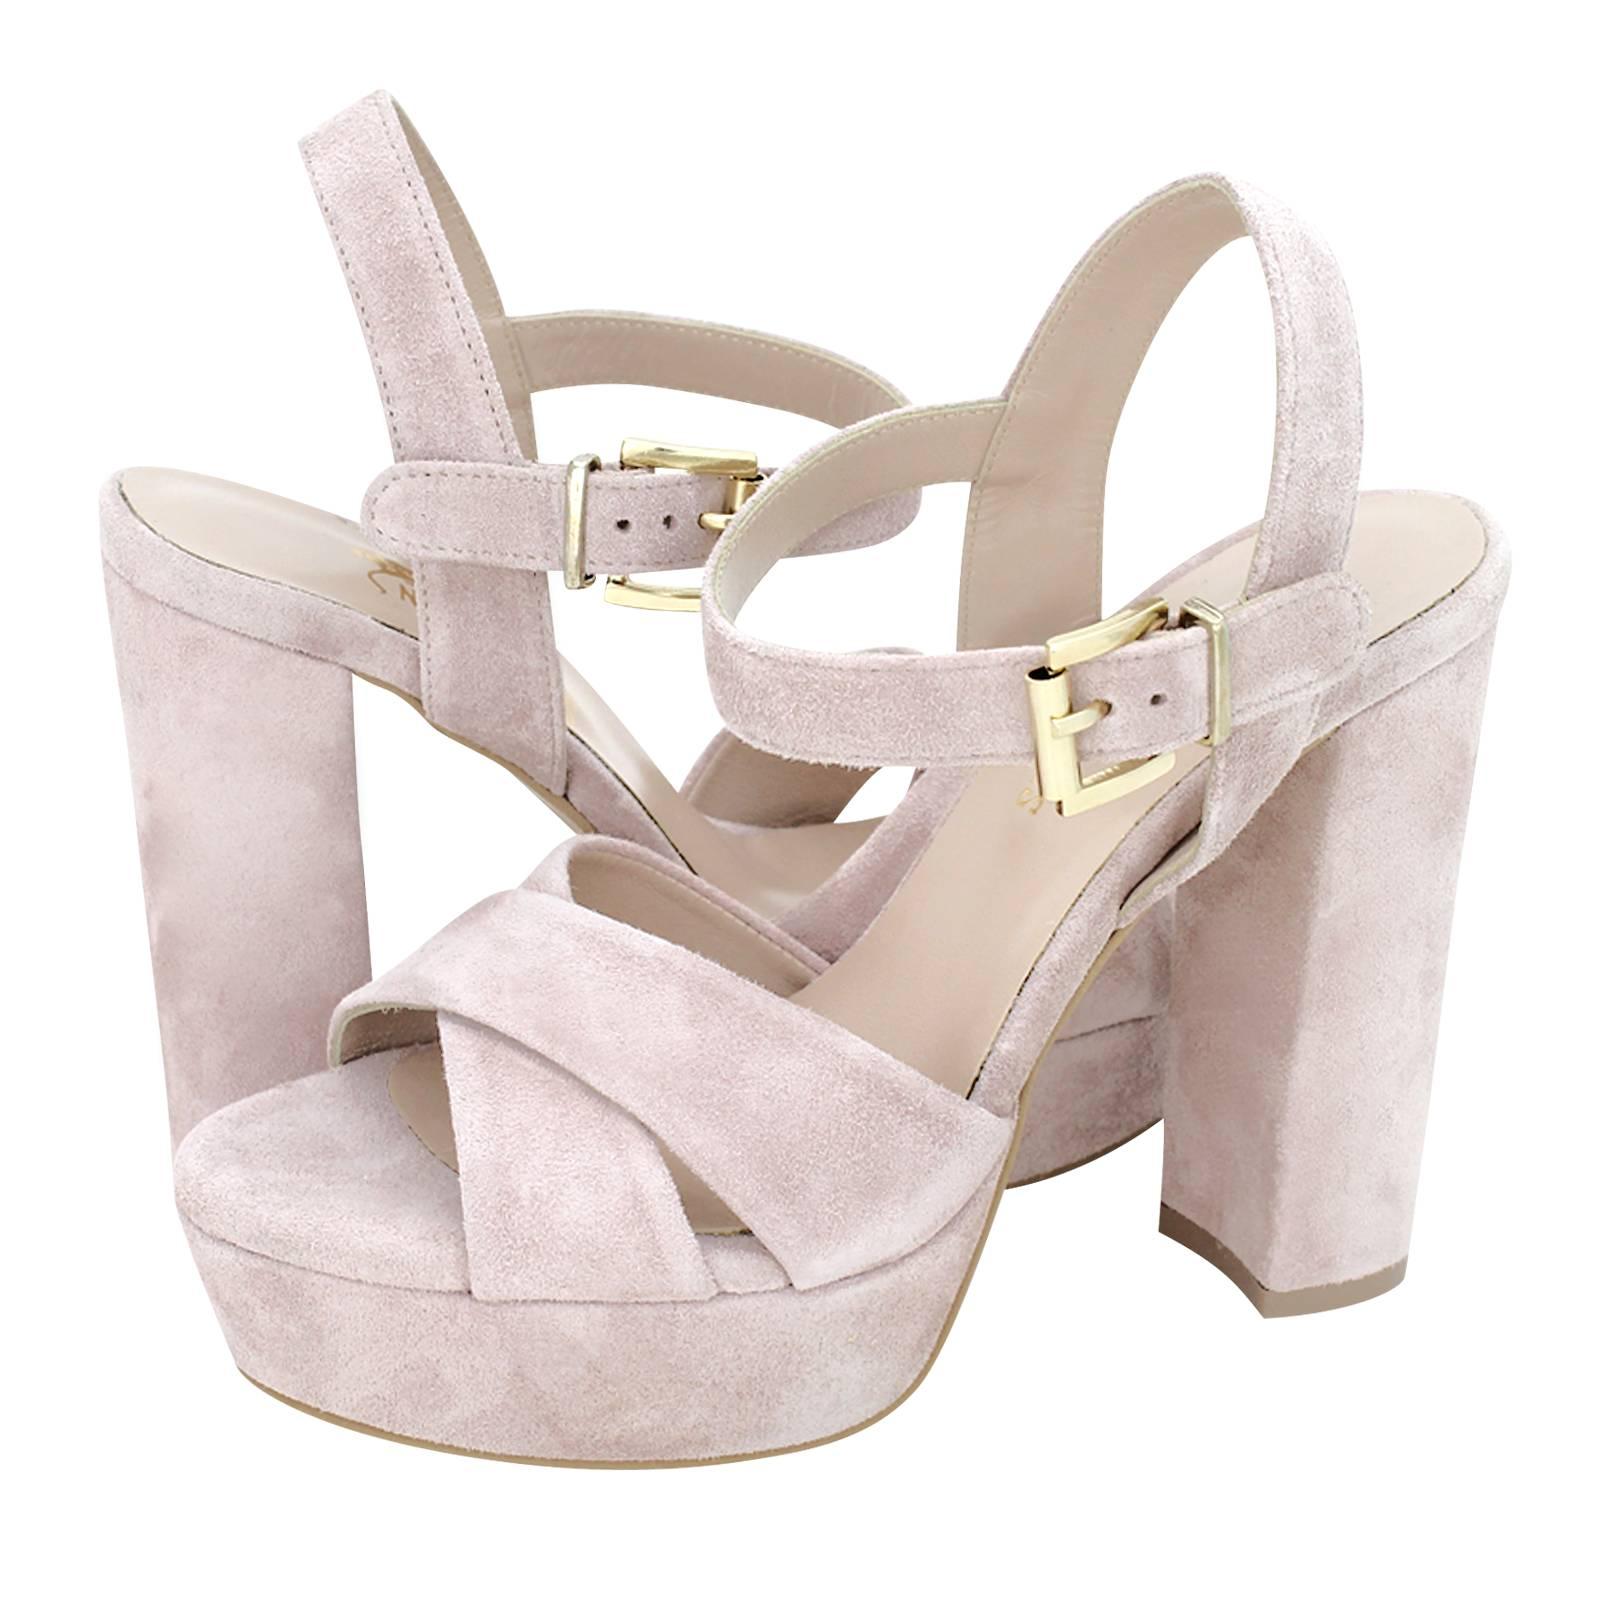 Solingen - Γυναικεία πέδιλα Nelly Shoes από καστορι - Gianna Kazakou ... ea9c6f21e40